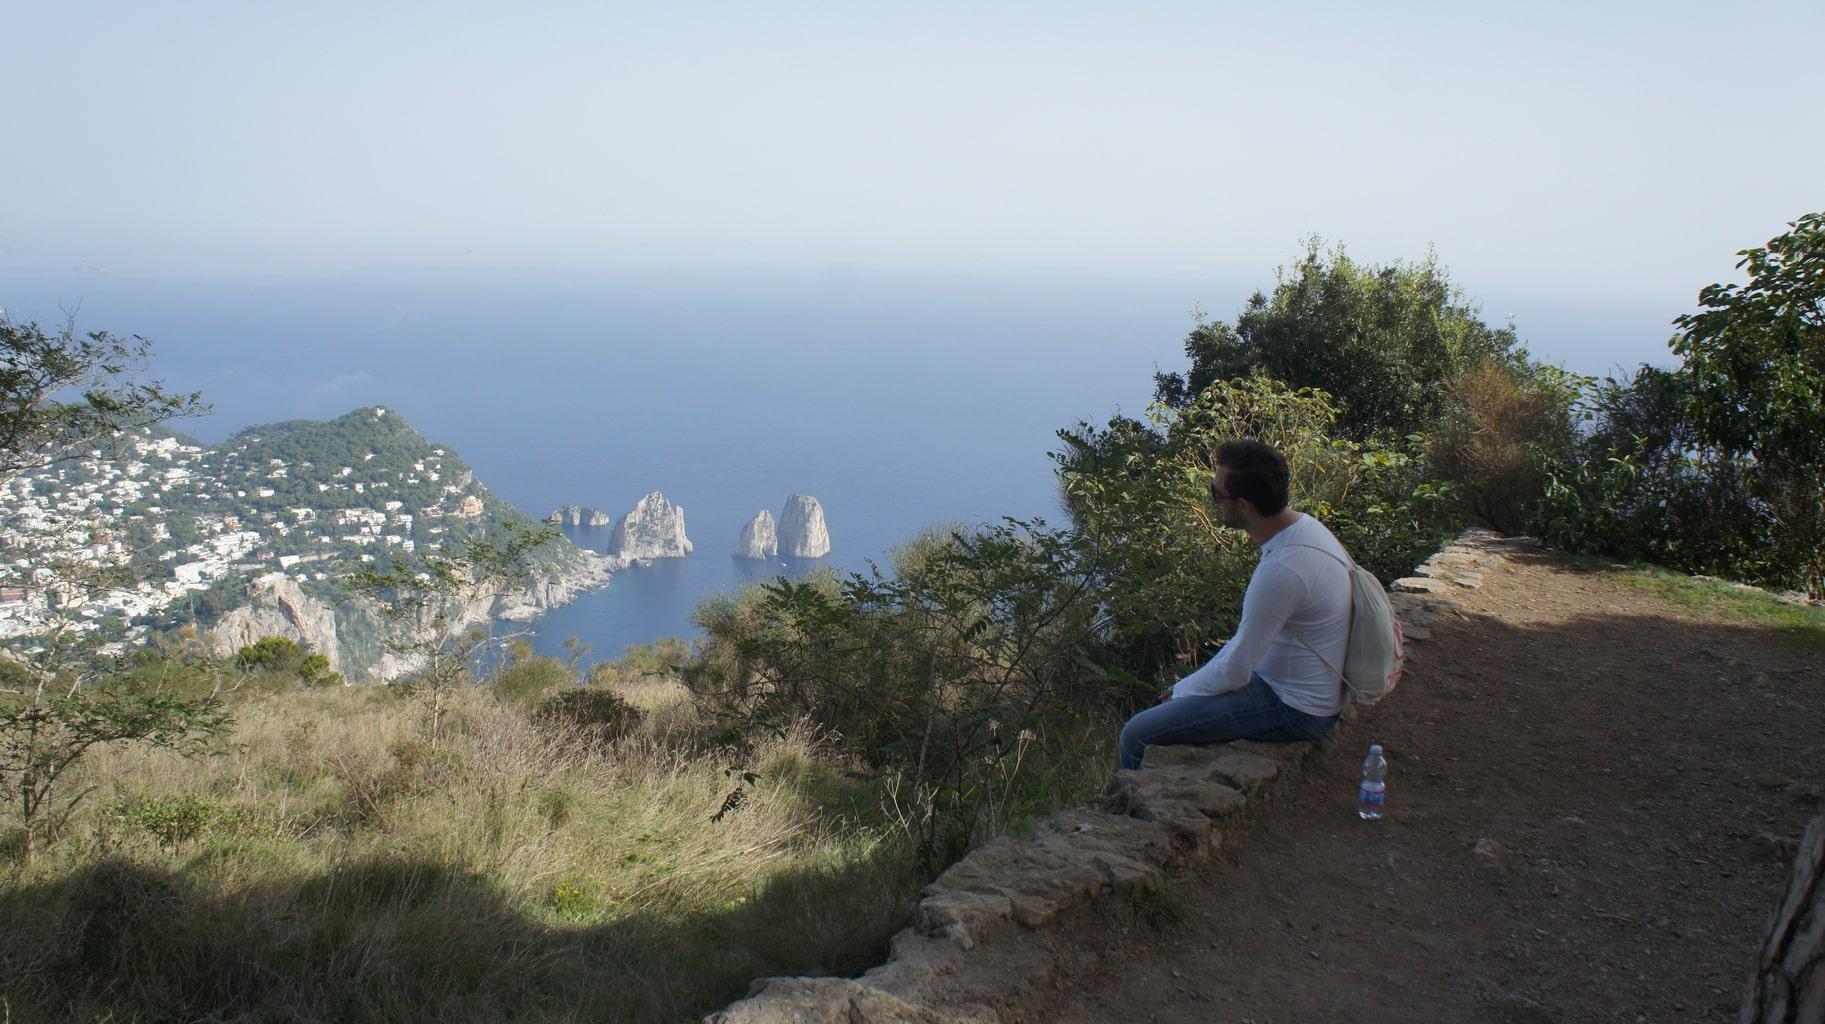 Traumausblick vom Monte Solaro auf die Faraglioni Felsen